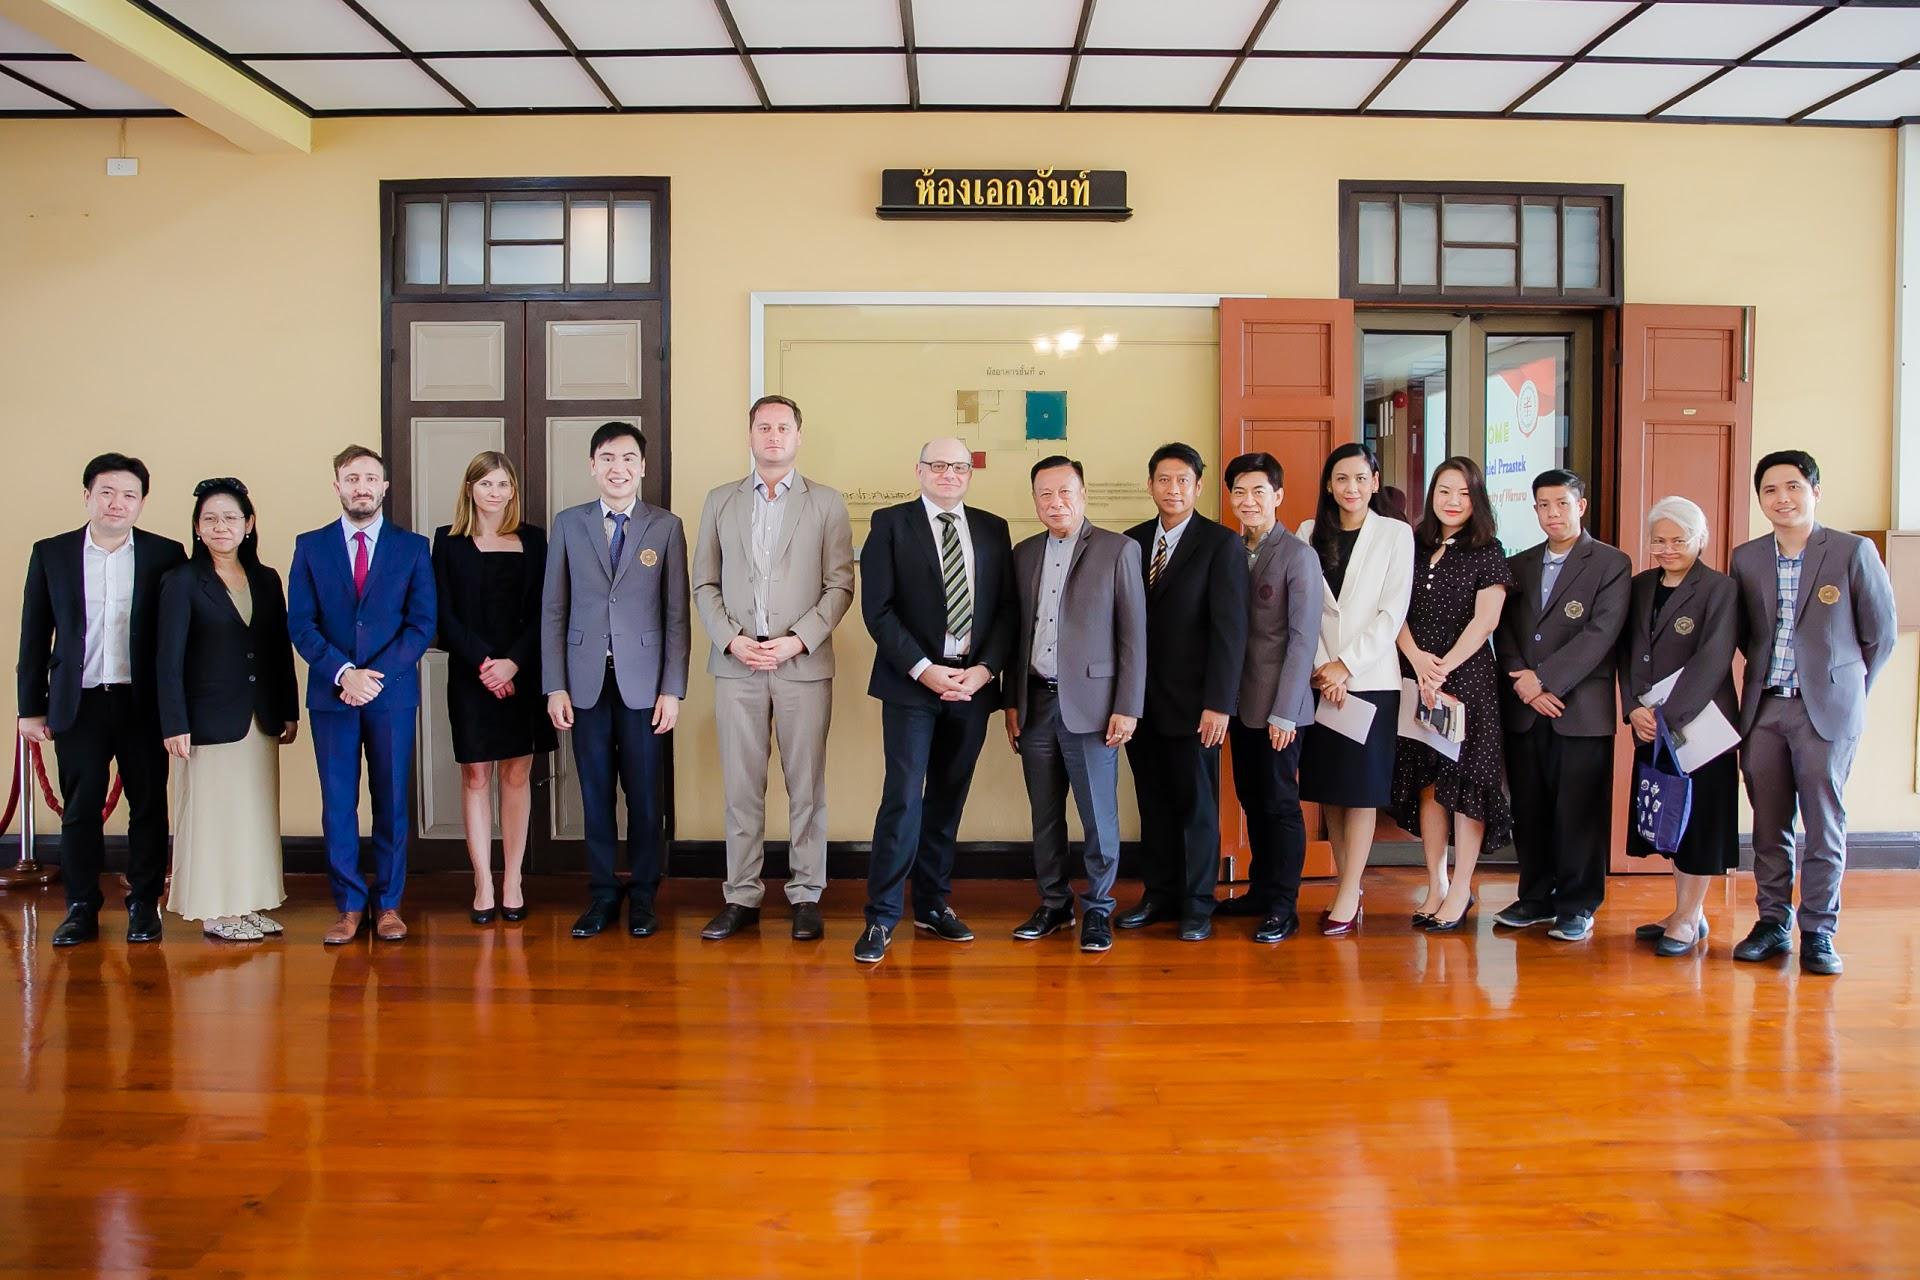 เจรจาความร่วมมือทางวิชาการ University of Warsaw, Poland